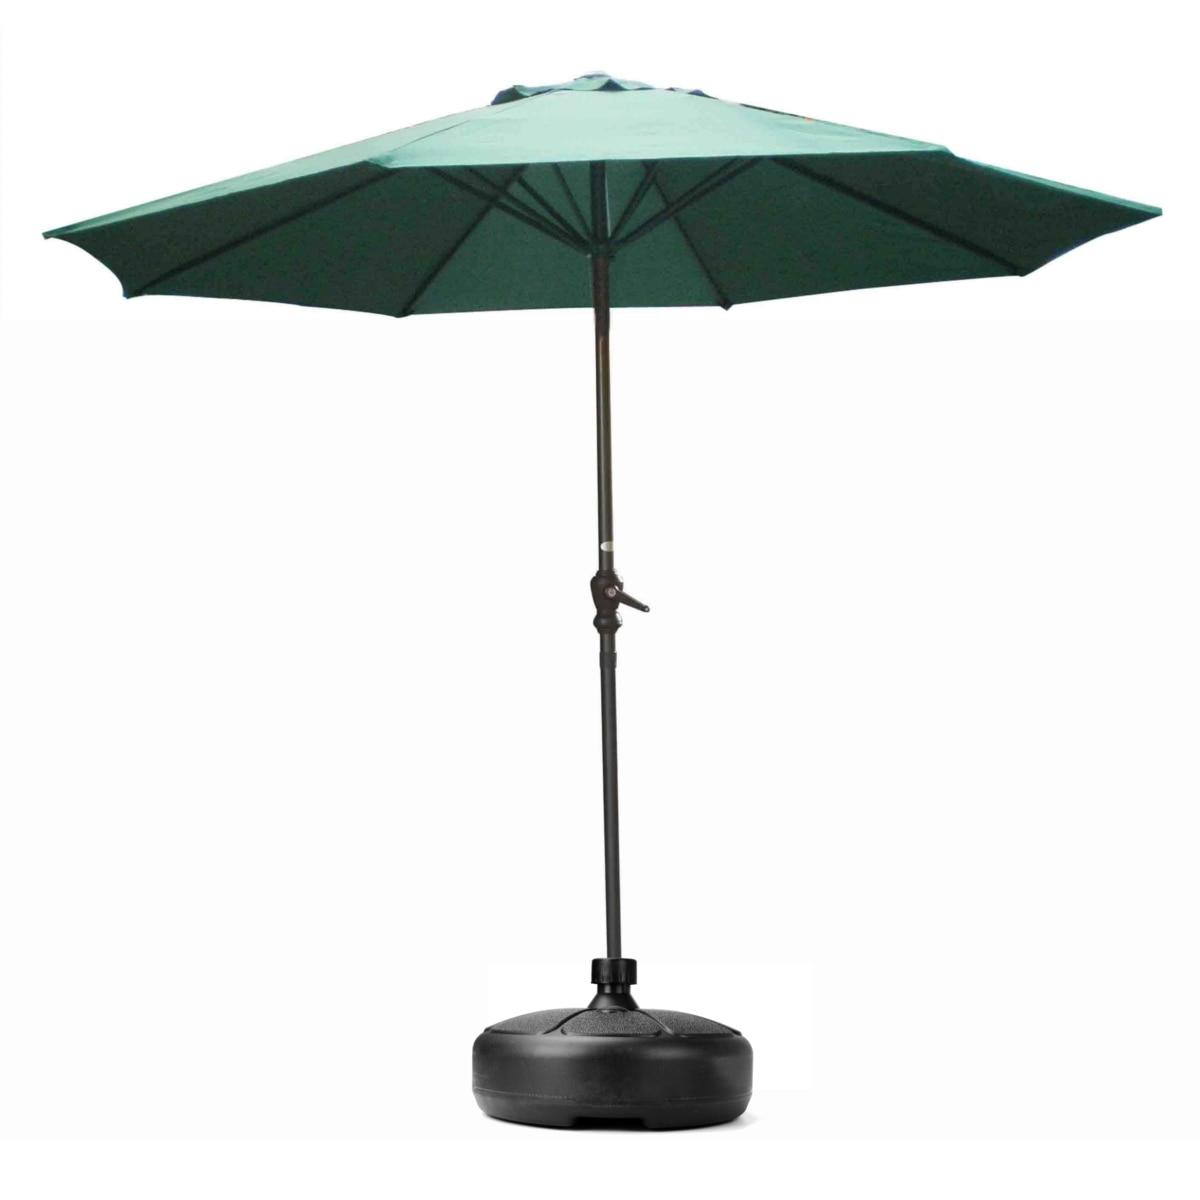 Parasol Outdoor Round Umbrella Base Stand Beach Garden Flagpole Holder Black